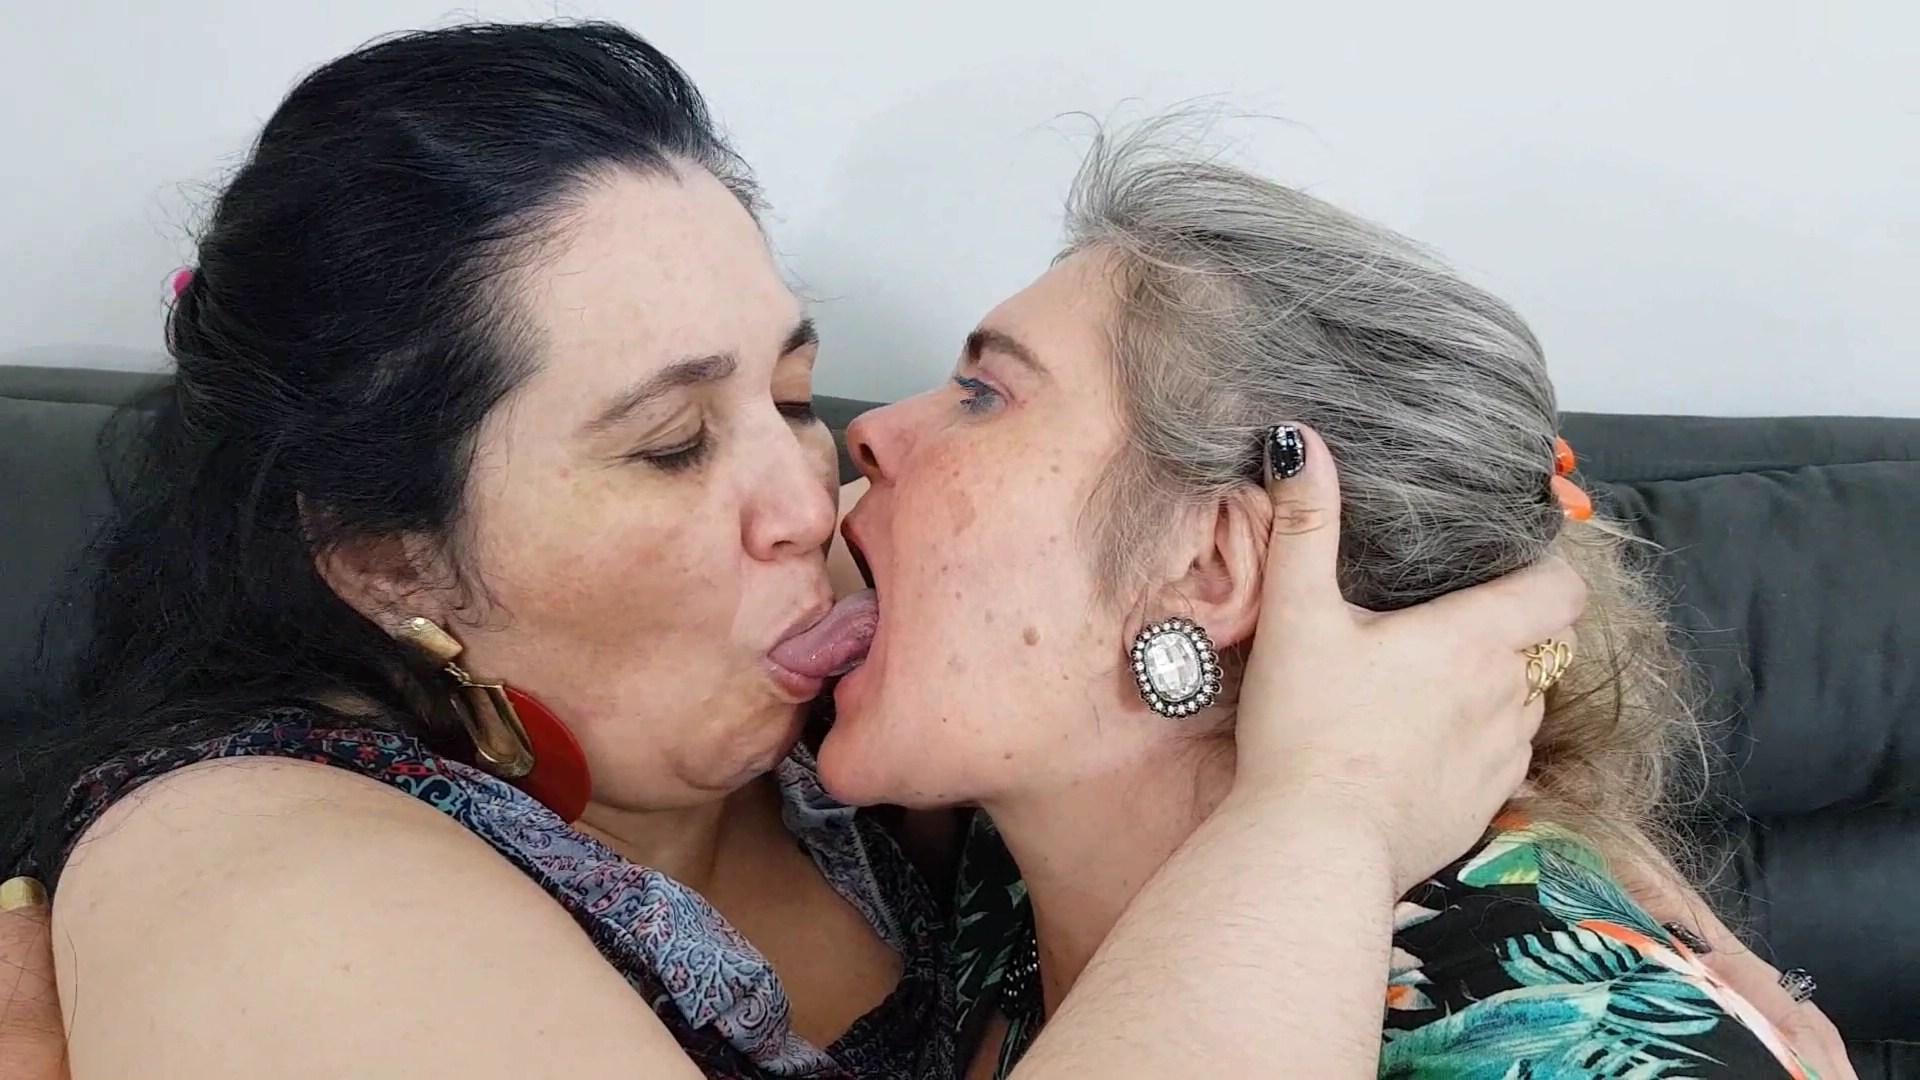 Bbw Ebony Threesome Lesbian